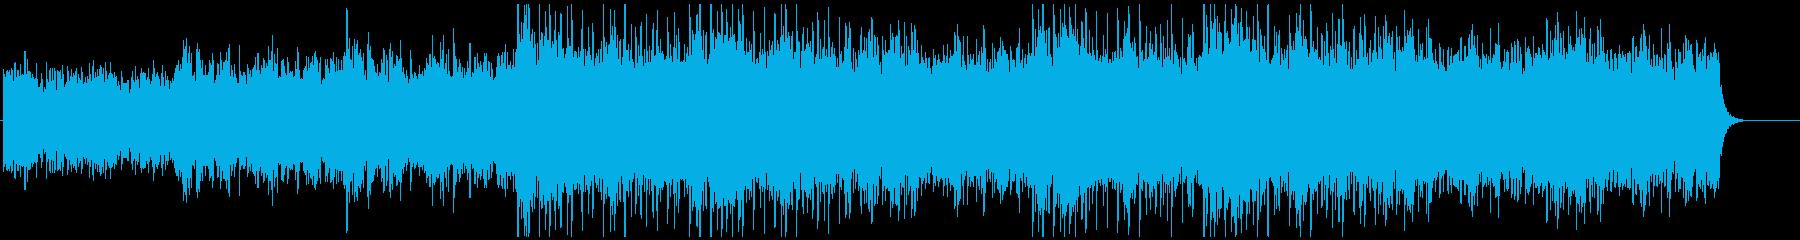 ファンタジーなゲームミュージックの再生済みの波形